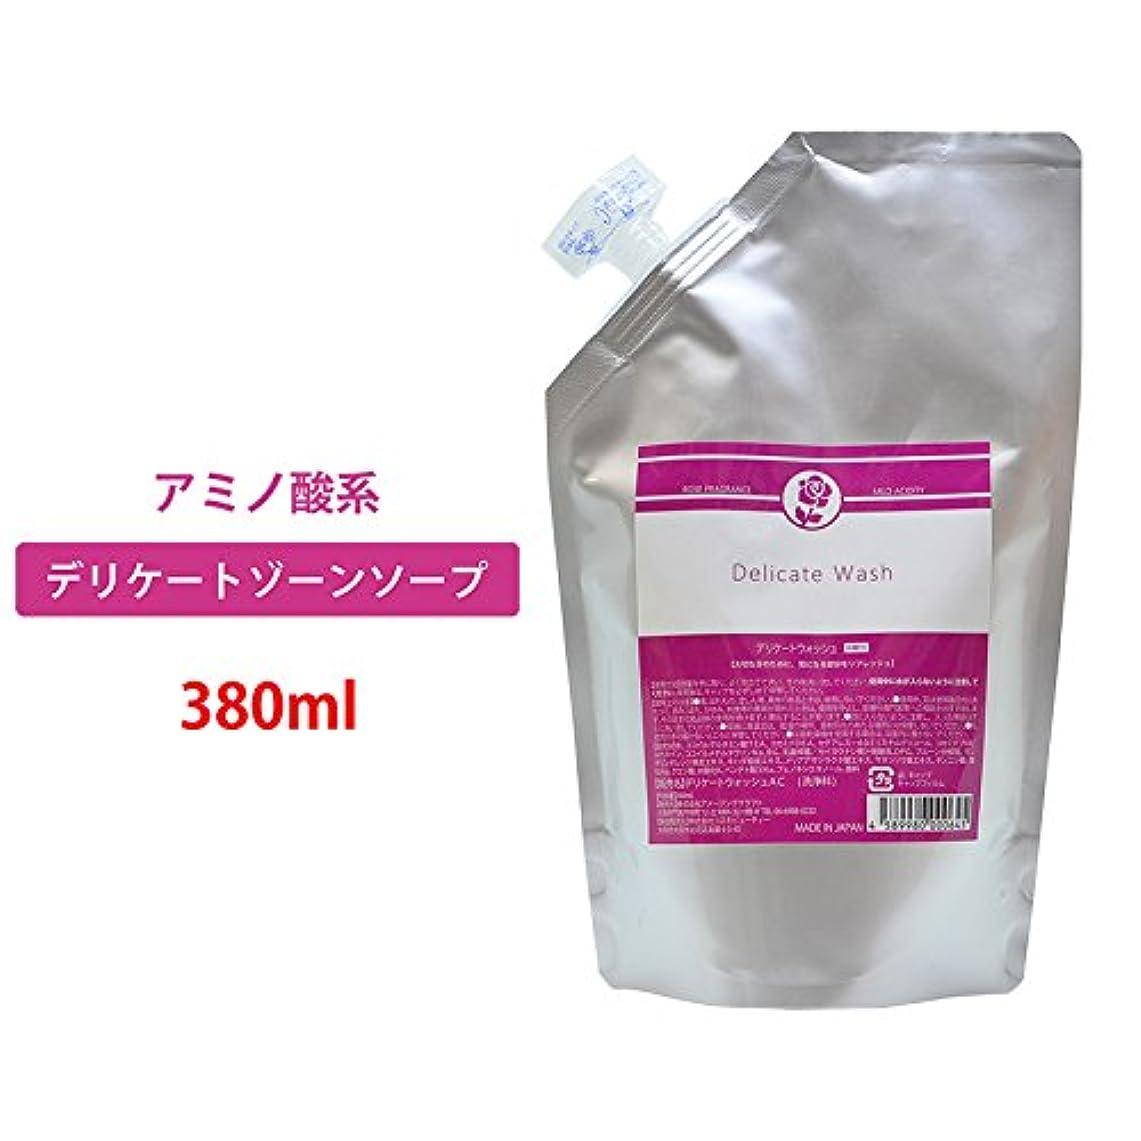 ストライド行列定期的なデリケートウォッシュ 日本製デリケートゾーンソープ たっぷり380ml フェミニン ウォッシュ